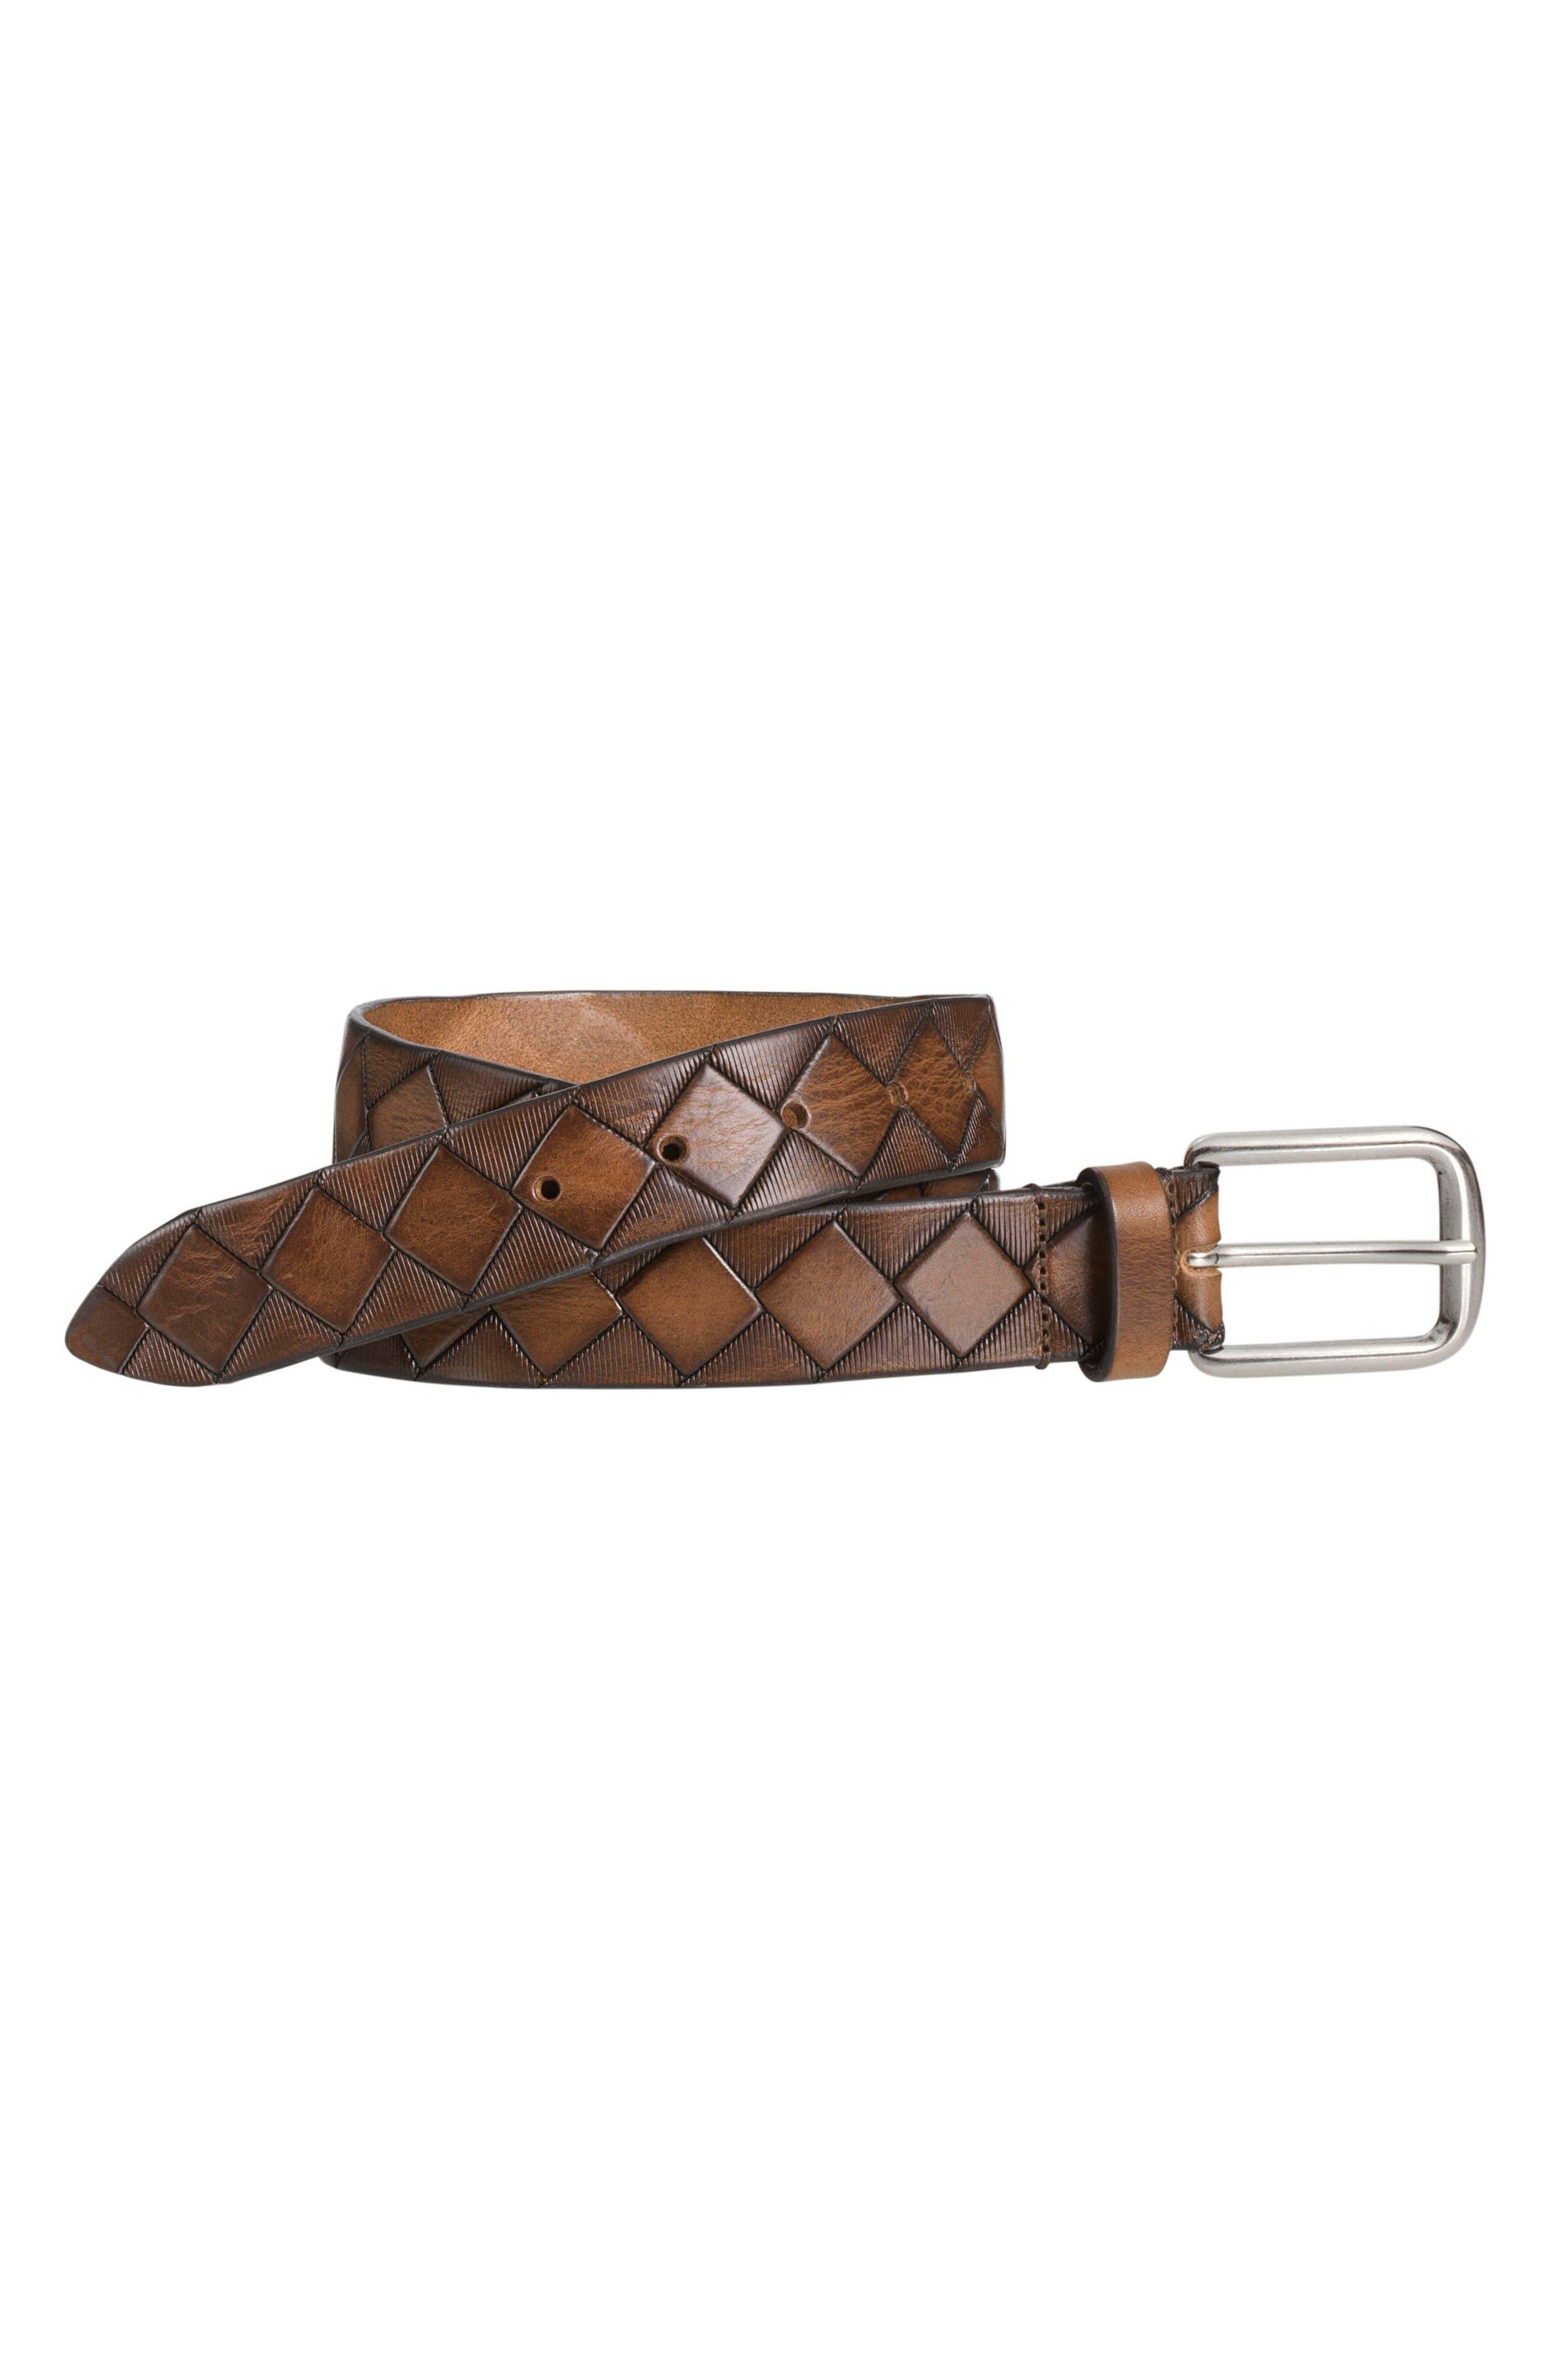 Basket Weave Belt,                         Main,                         color, Tan